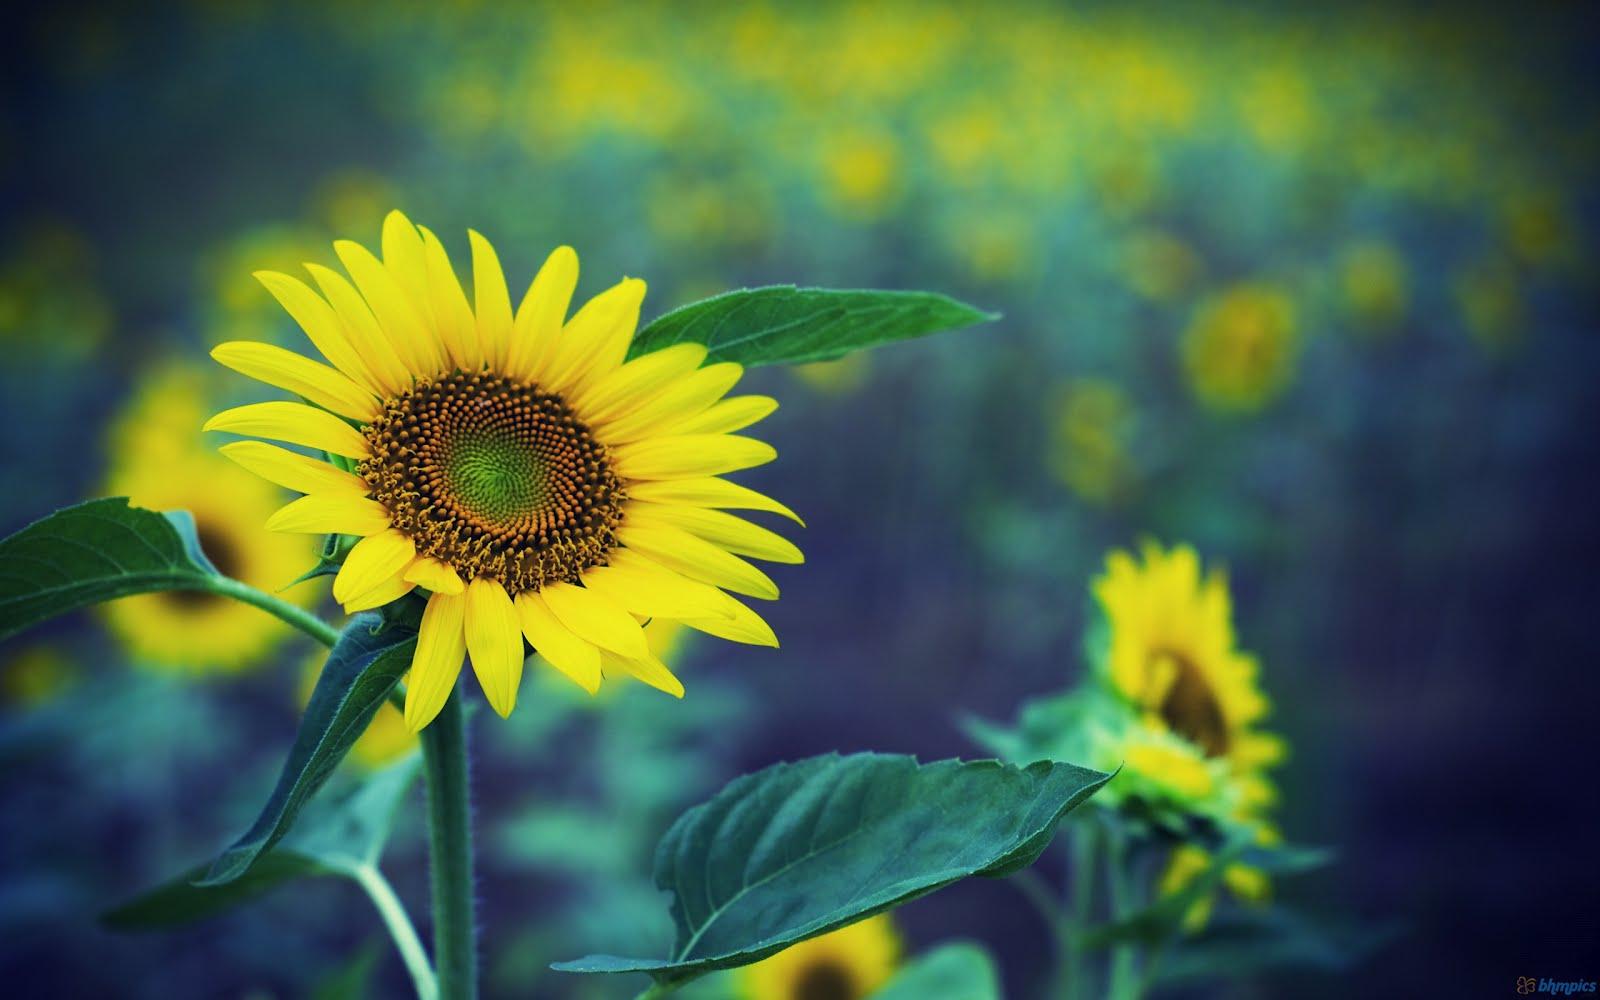 http://1.bp.blogspot.com/-mpWn-bN52hQ/T4E5BF85QqI/AAAAAAAAAT8/eB7jFckFXEs/s1600/flowers%2Bwallpapers4.jpg